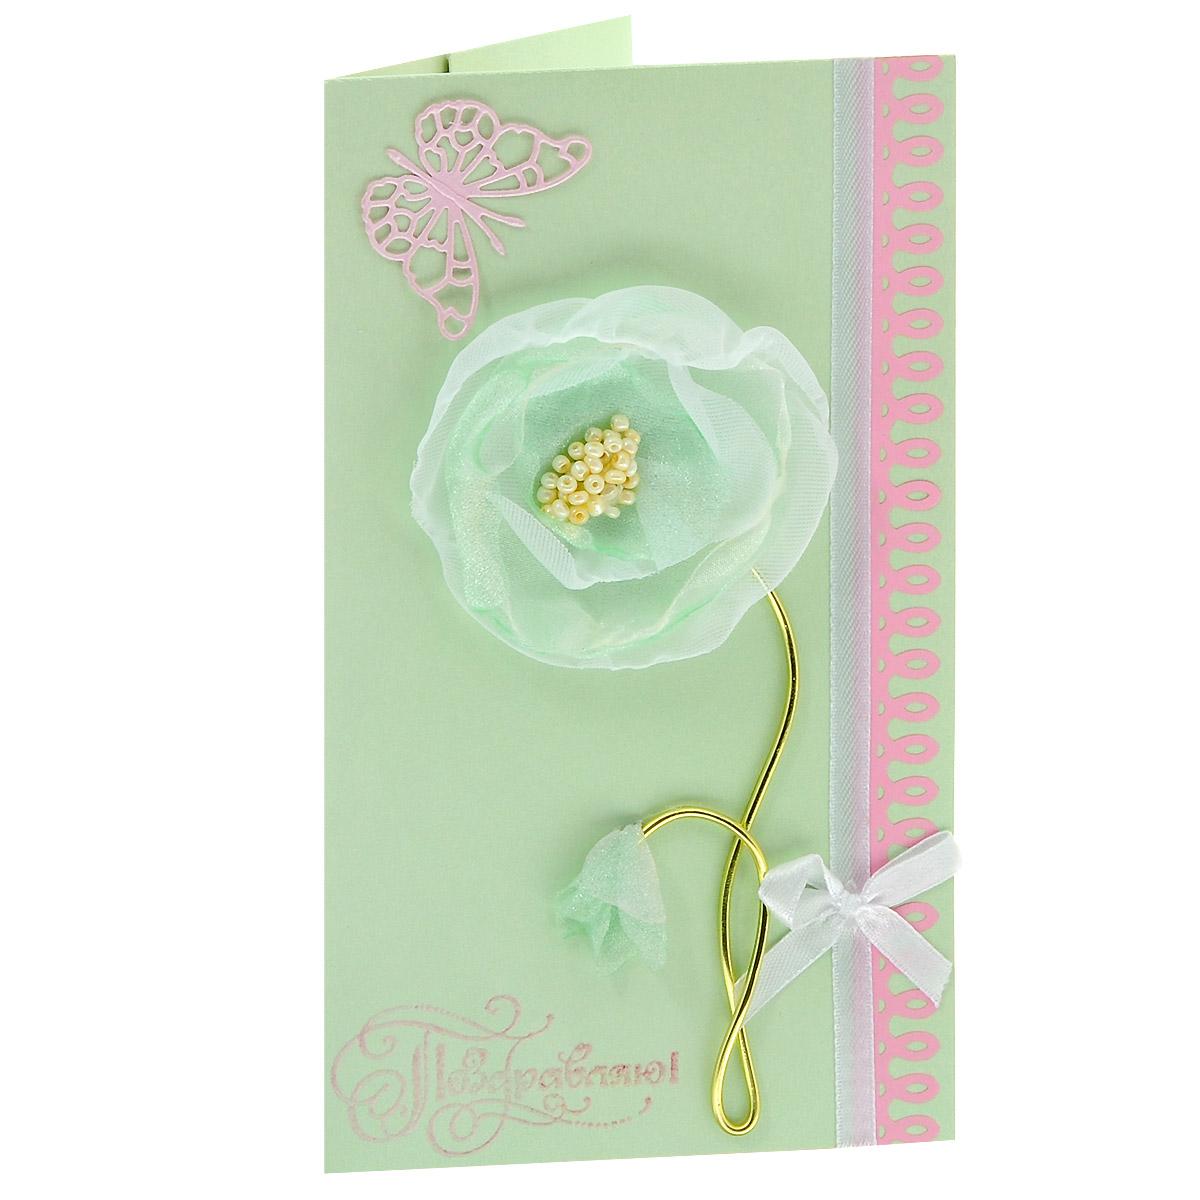 ОЖ-0012 Открытка-конверт «Поздравляю!» (мятная, текстильный цветок). Студия «Тётя Роза»514-977Характеристики: Размер 19 см x 11 см.Материал: Высоко-художественный картон, бумага, декор. Данная открытка может стать как прекрасным дополнением к вашему подарку, так и самостоятельным подарком. Так как открытка является и конвертом, в который вы можете вложить ваш денежный подарок или просто написать ваши пожелания на вкладыше. Сочетание розового и мятного цветов в дизайне открытки наделяют это поздравление особым нежным трепетом и свежим восприятием. Стилизованный цветочек из тонкой шифоновой ткани выполнен и собран вручную. Крылья бабочки трепещут от движения воздуха и отбрасывают тень на фон. Также открытка упакована в пакетик для сохранности.Обращаем Ваше внимание на то, что открытка может незначительно отличаться от представленной на фото.Открытки ручной работы от студии Тётя Роза отличаются своим неповторимым и ярким стилем. Каждая уникальна и выполнена вручную мастерами студии. (Открытка для мужчин, открытка для женщины, открытка на день рождения, открытка с днем свадьбы, открытка винтаж, открытка с юбилеем, открытка на все случаи, скрапбукинг)